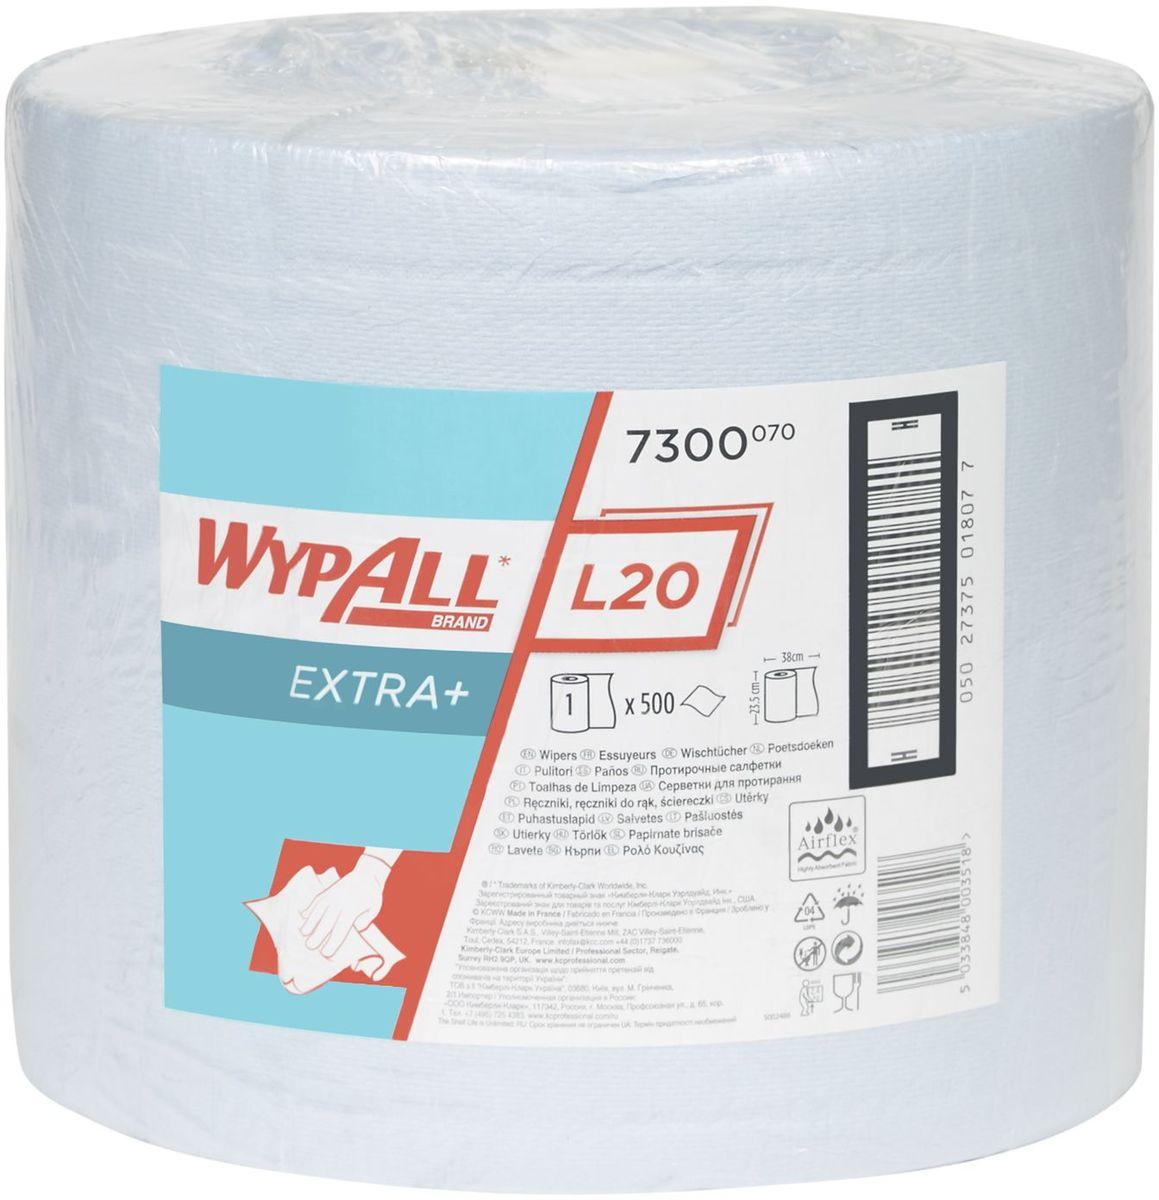 Полотенца бумажные Wypall L30, двухслойные, 500 шт. 7300790009Двухслойные бумажные полотенца Wypall L30, изготовленныеиз целлюлозы, отличаются особенной прочностью и быстротойвпитывания жидкостей. Полотенца идеально подойдут дляуниверсальных задач: сбора грязи, работы с маслом, протирки ивпитывания жидкостей в пищевой промышленности, а также вавтомобильной индустрии и многих других областей.